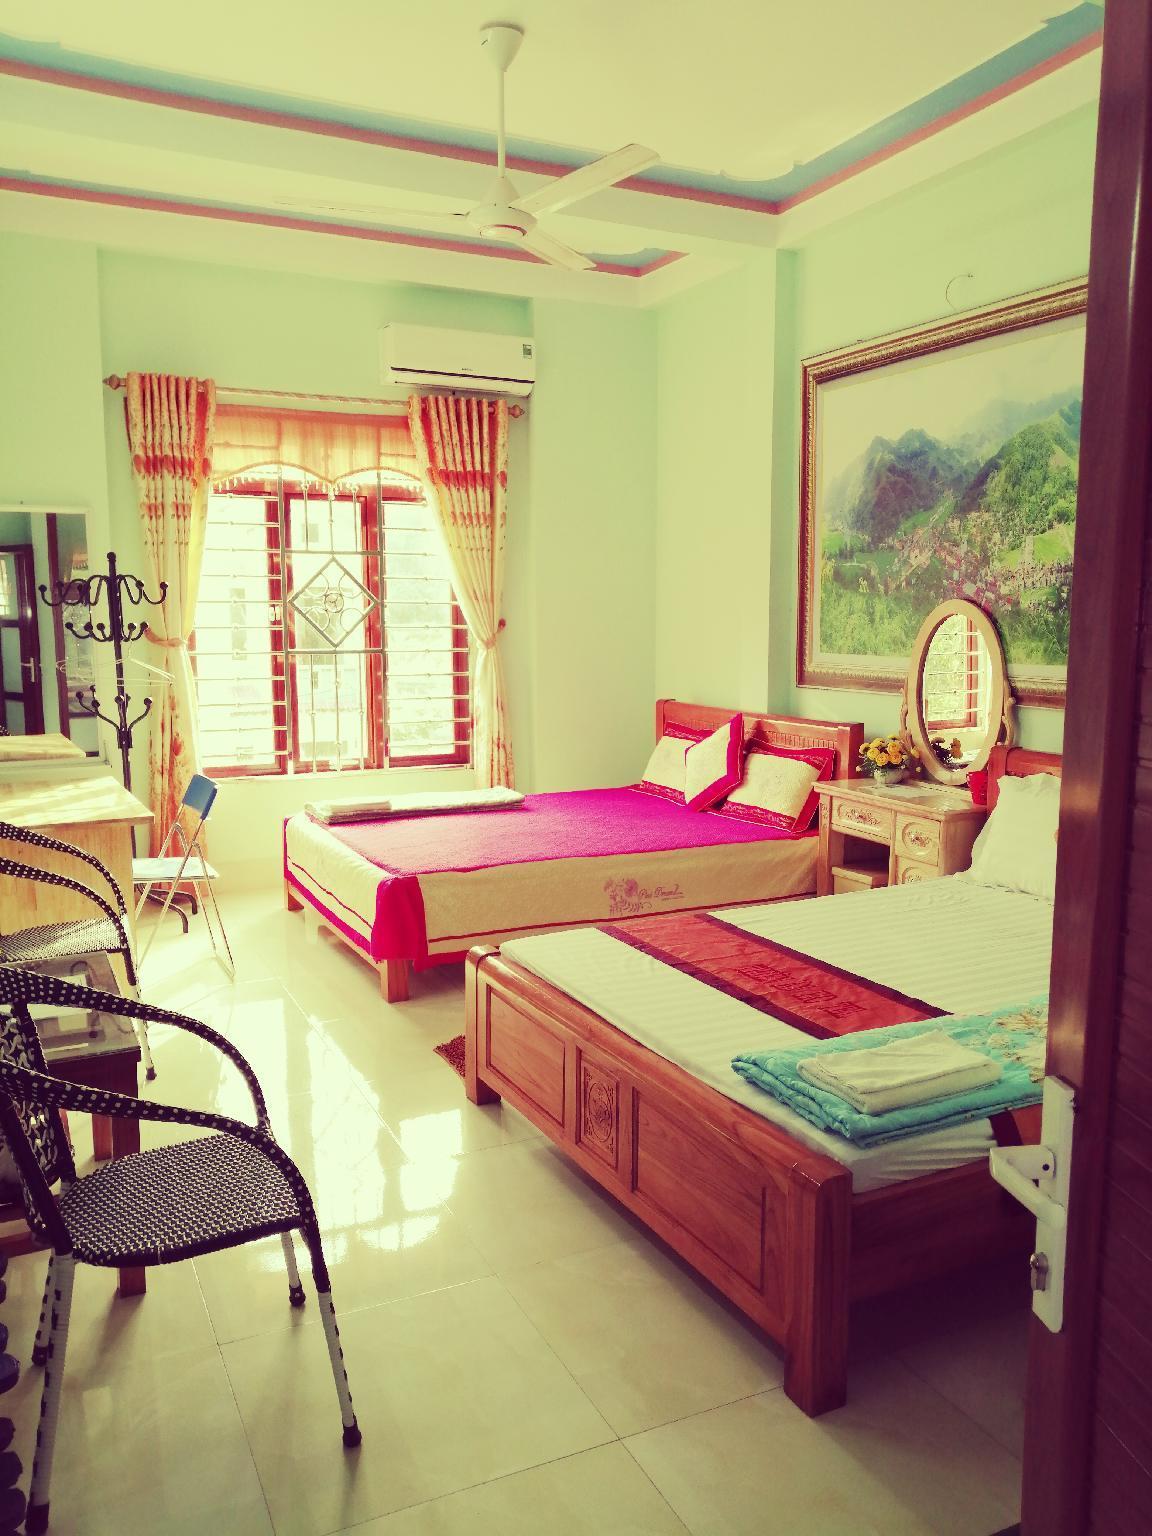 Yen Minh Thien An Motel